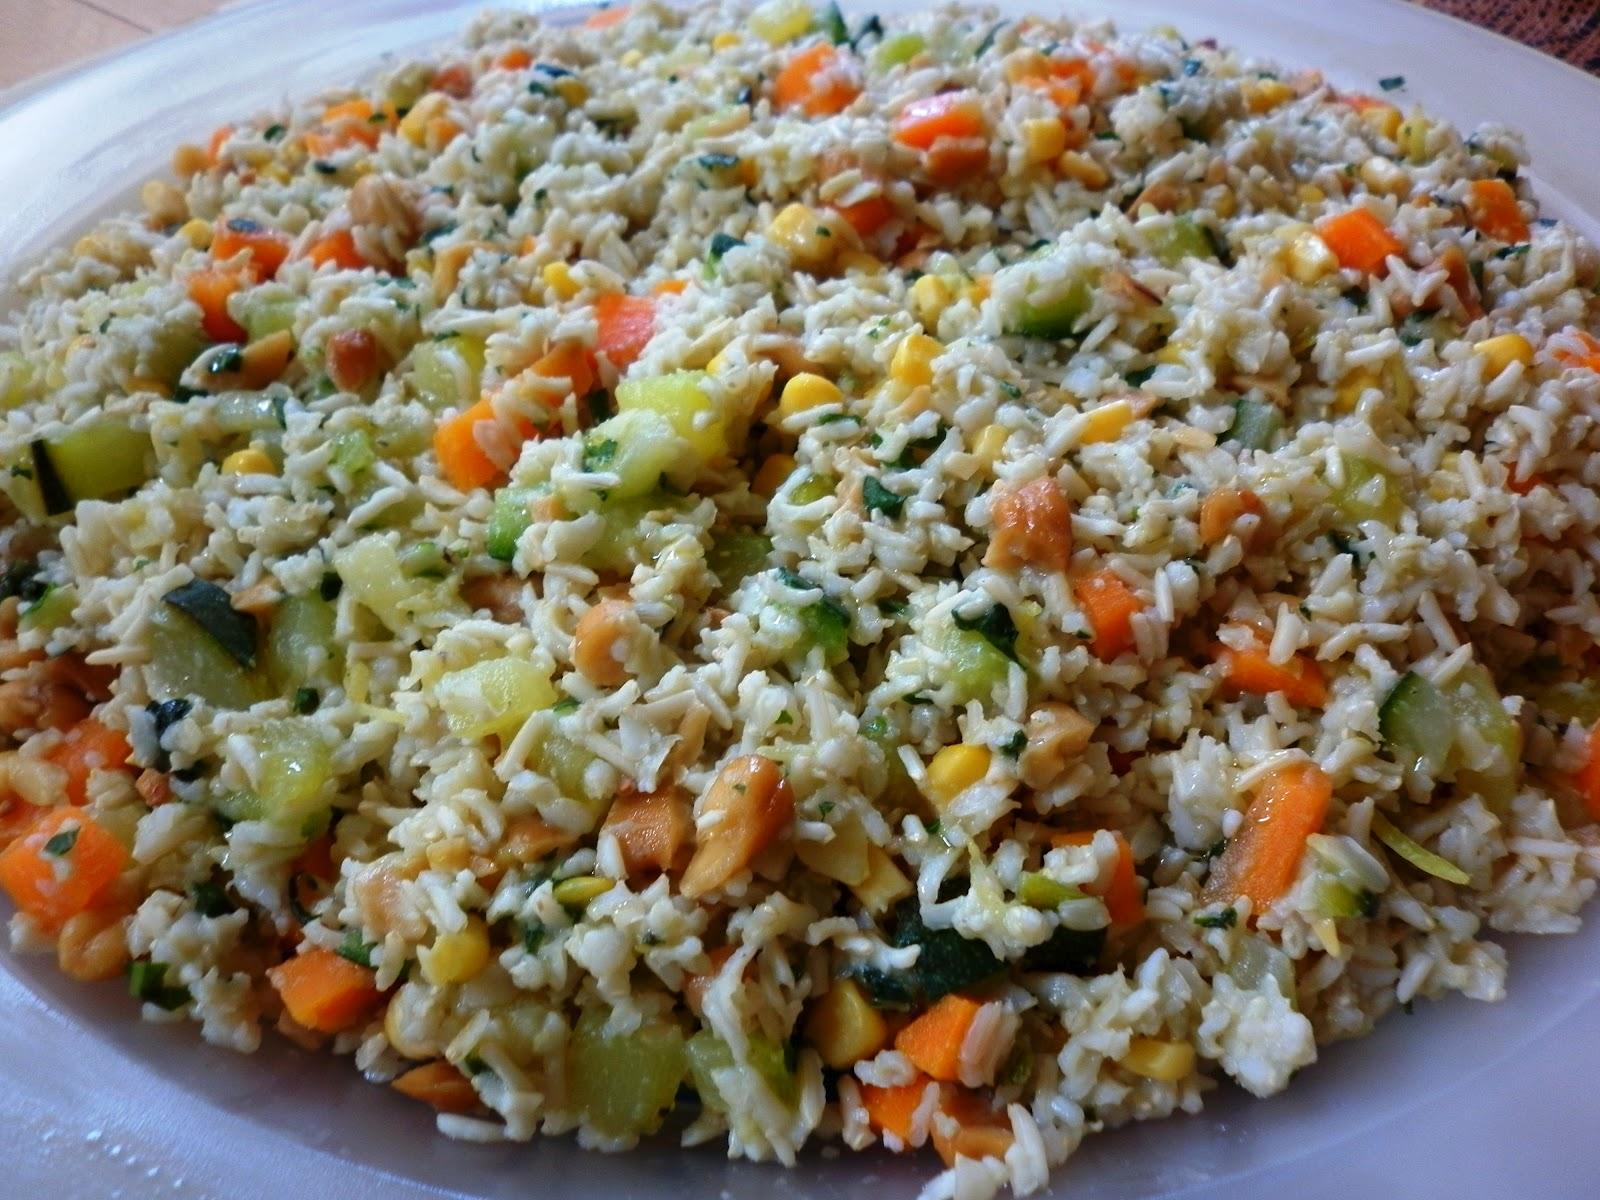 Cocina macrobi tica gastronom a popular adaptada a la for Cocina macrobiotica